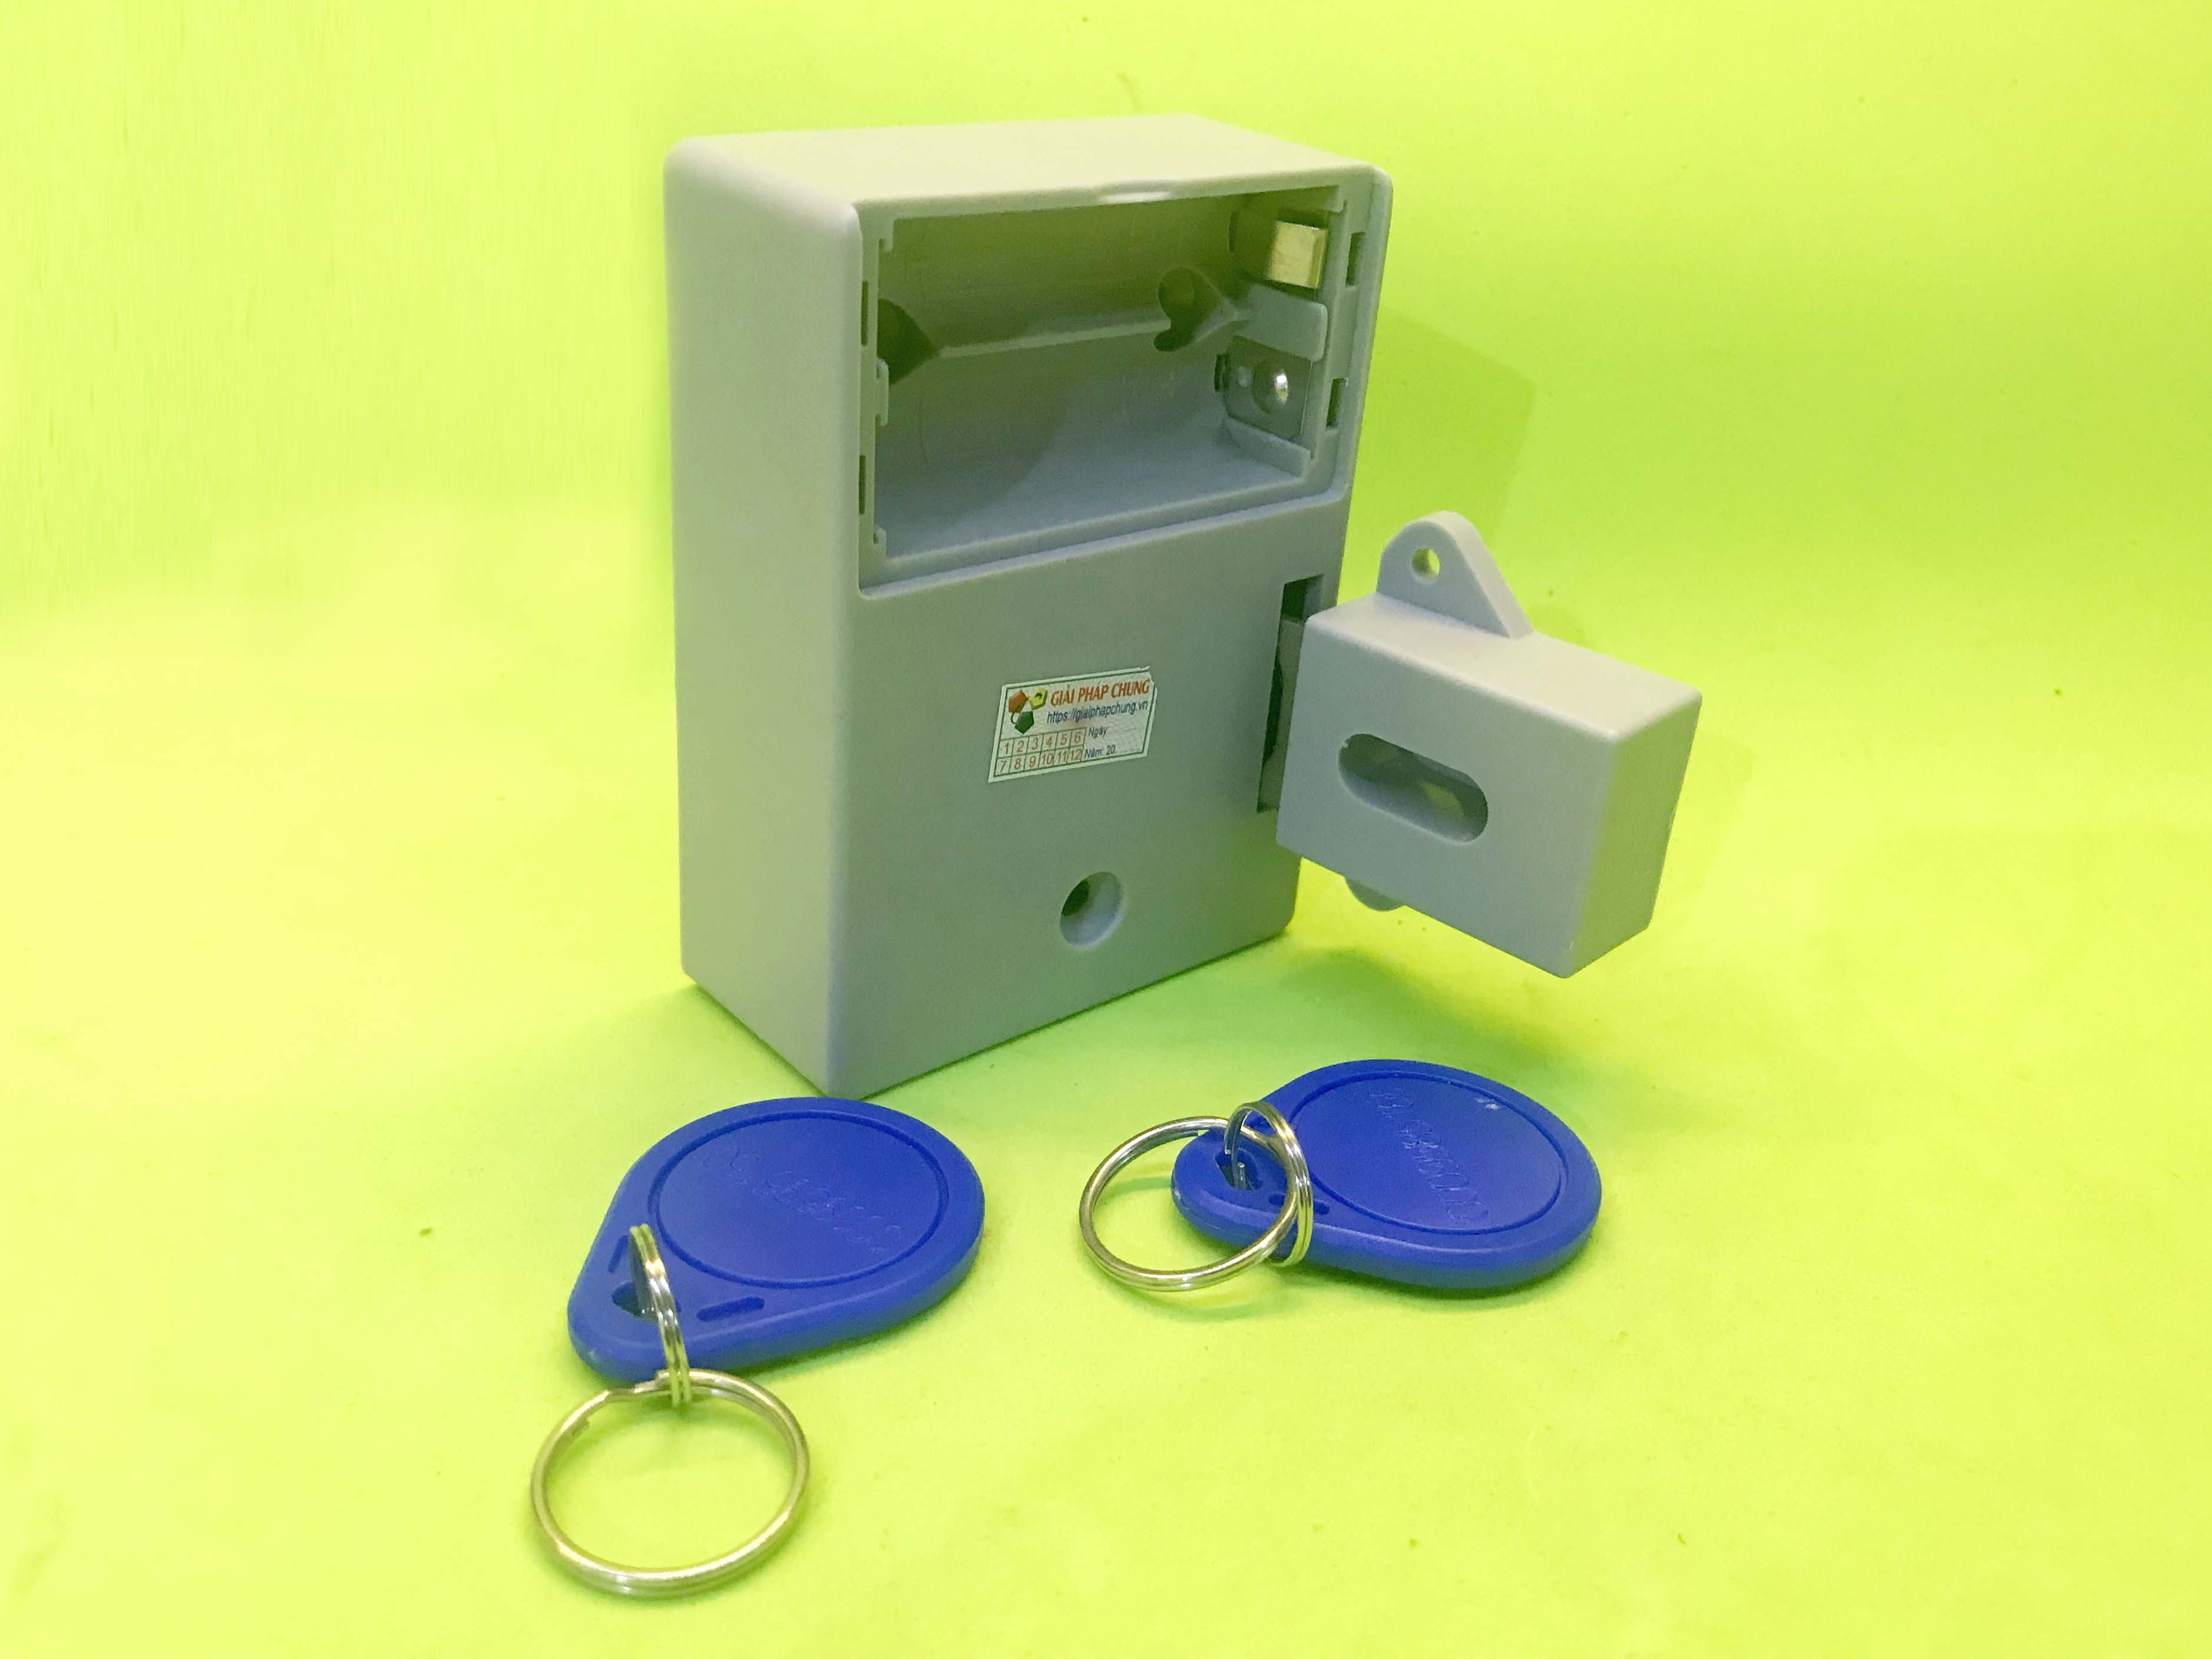 Bộ khóa điện dùng thẻ từ và pin tiểu